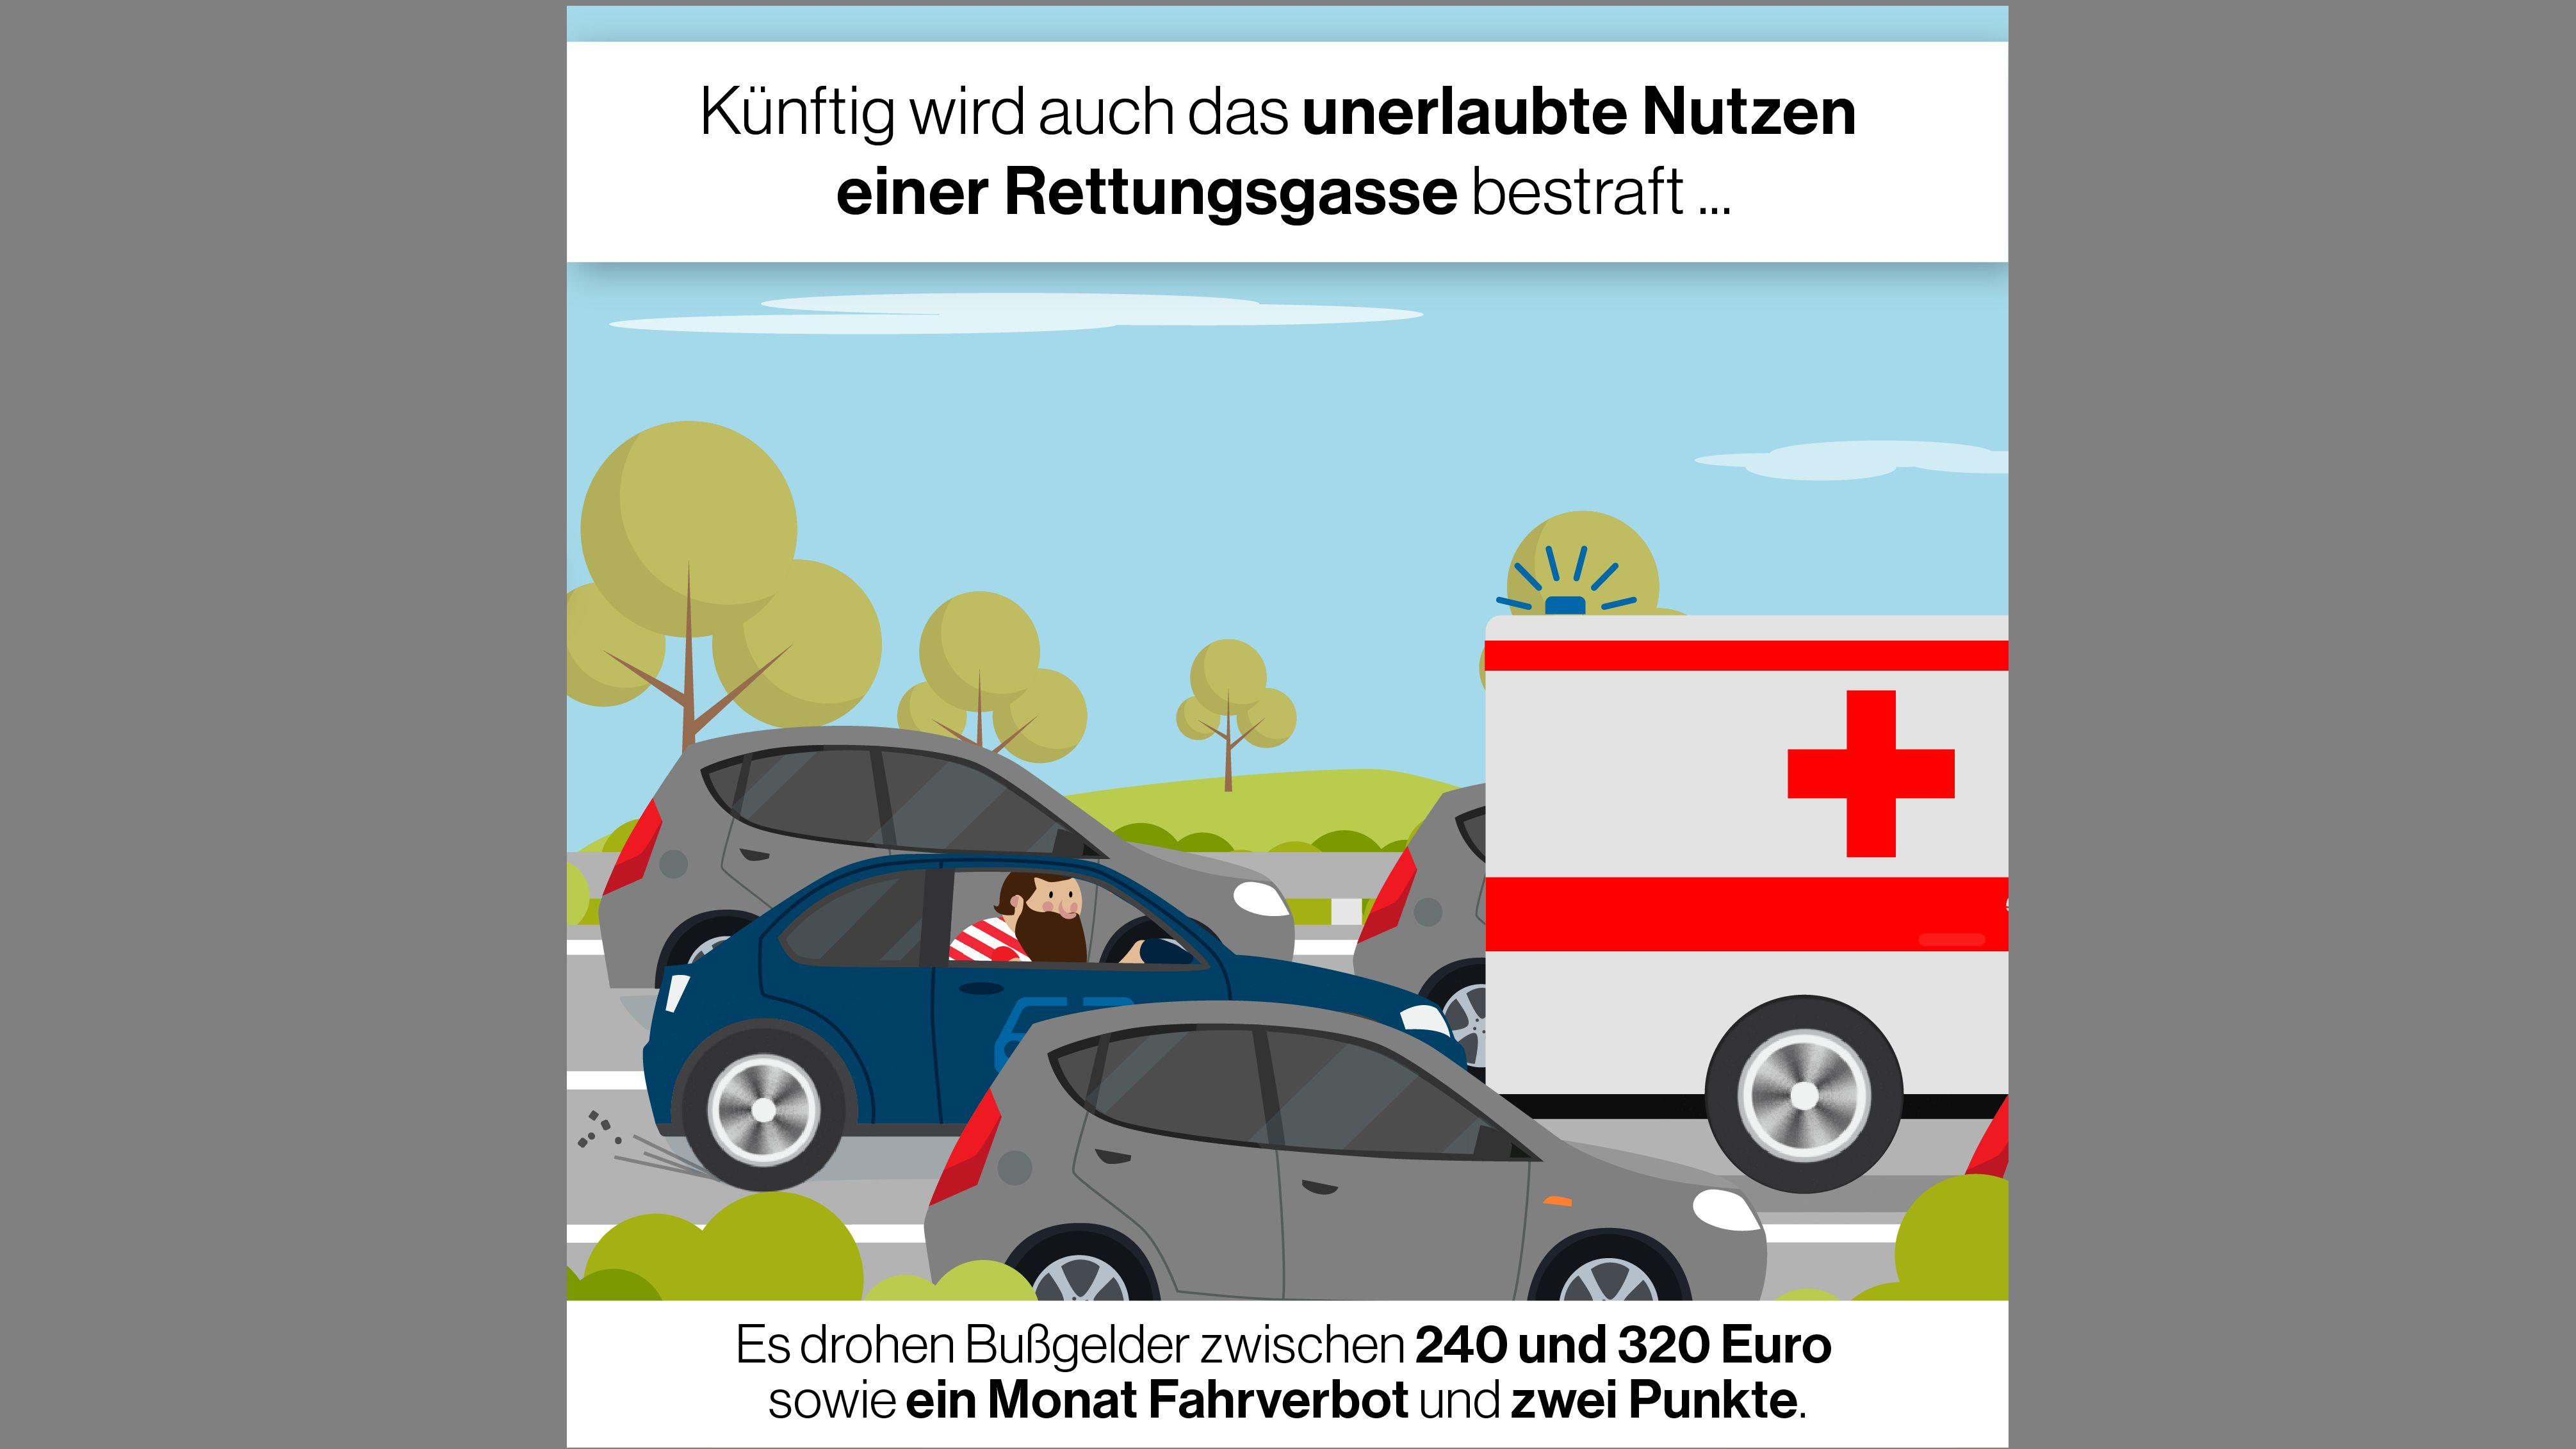 Grafik: Unerlaubtes Nutzen einer Rettungsgasse